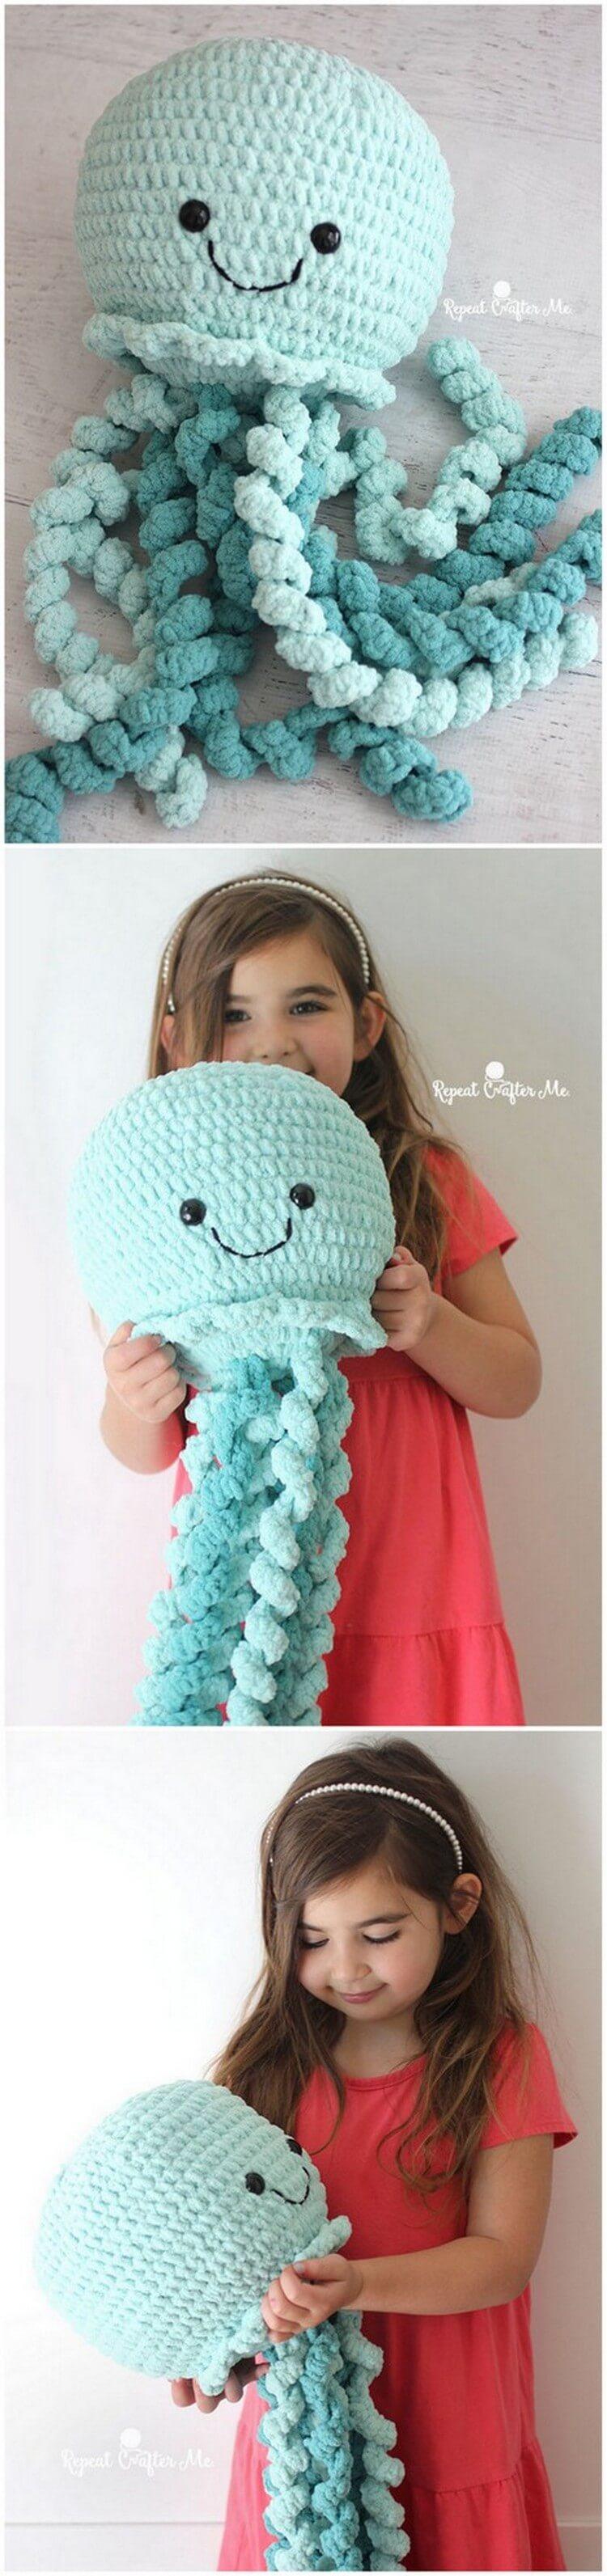 Free Crochet Pattern (9)